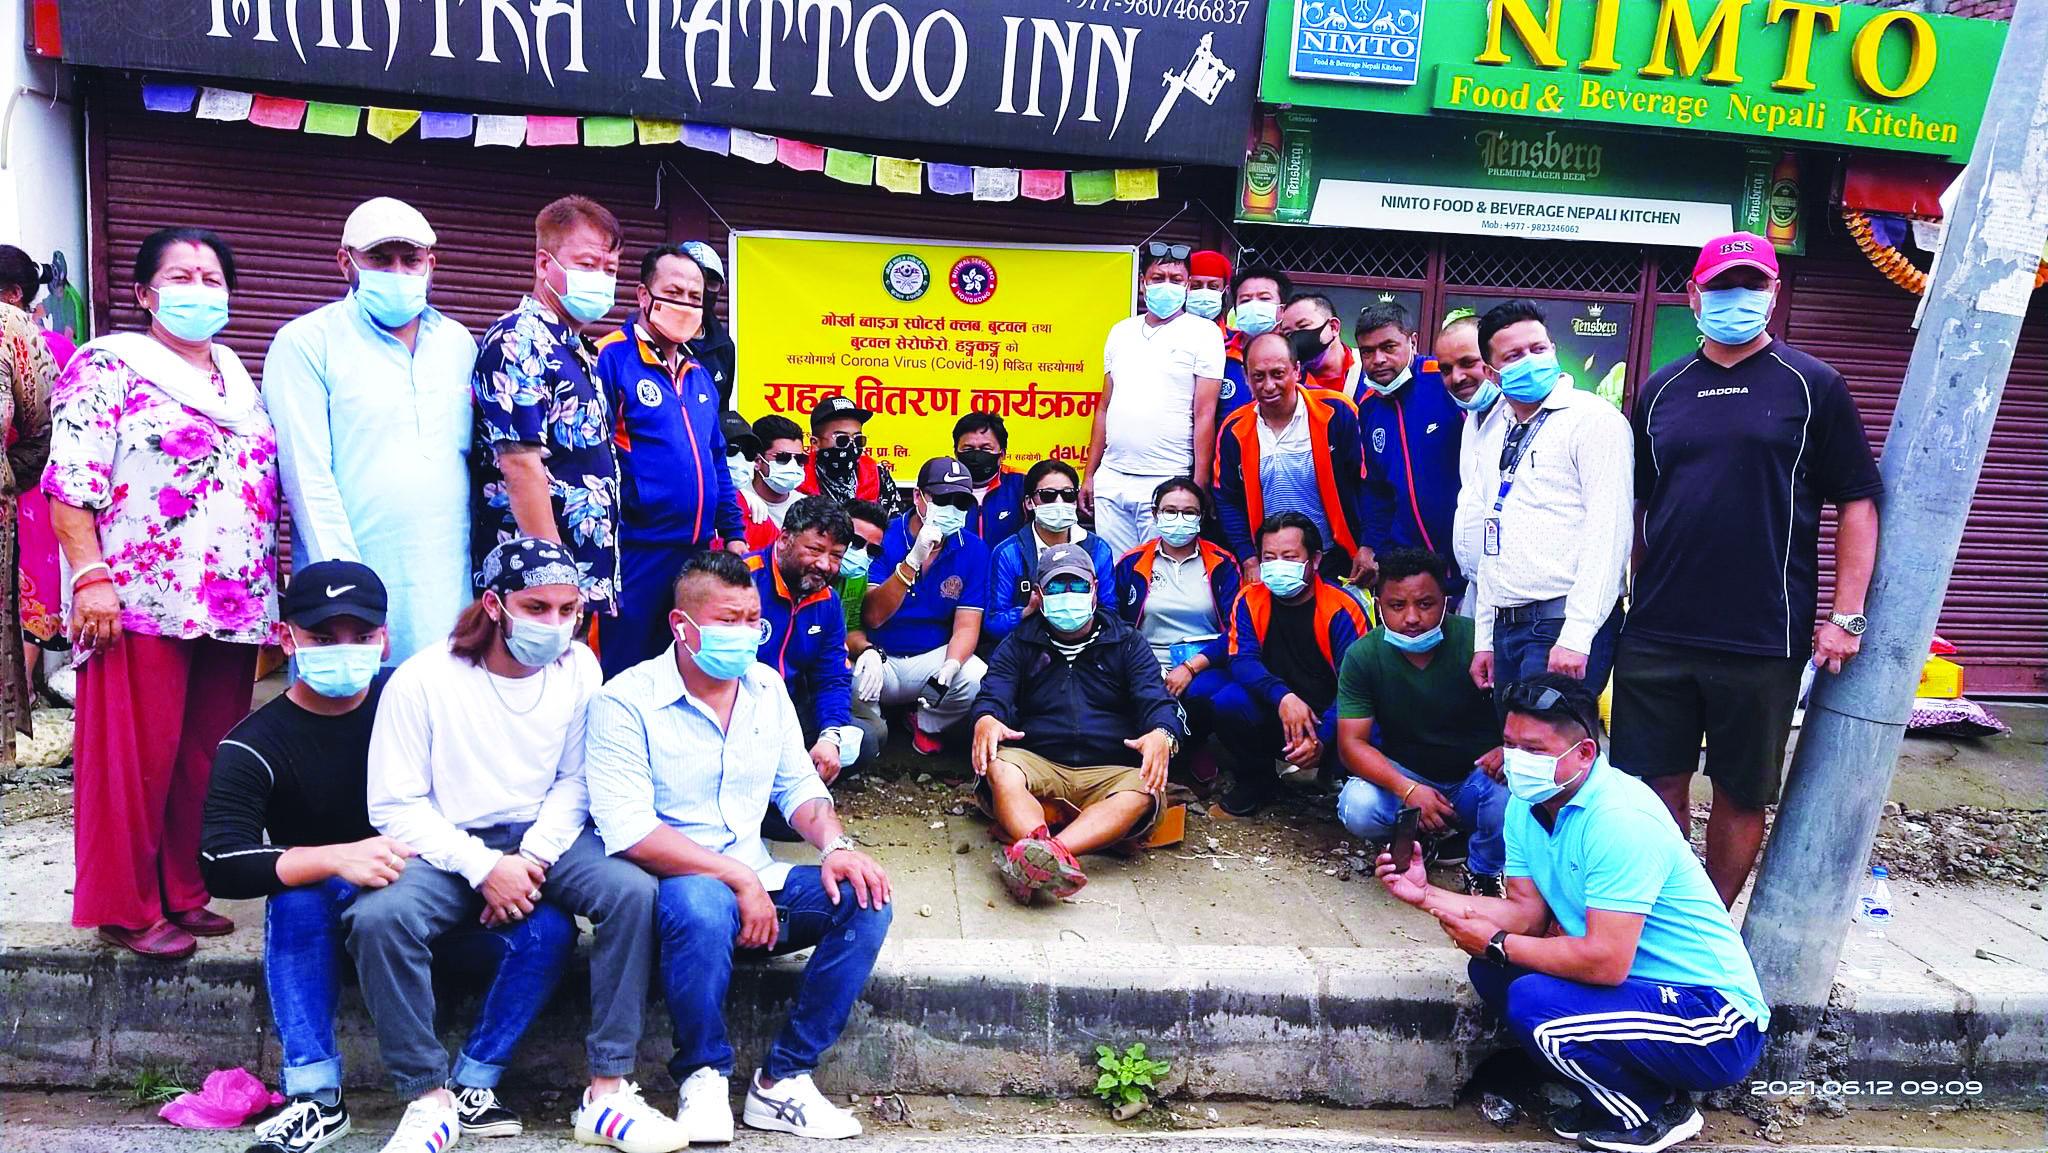 गोर्खा ब्याइज र बुटवल सेरोफेरो हङकङद्वारा राहत वितरण